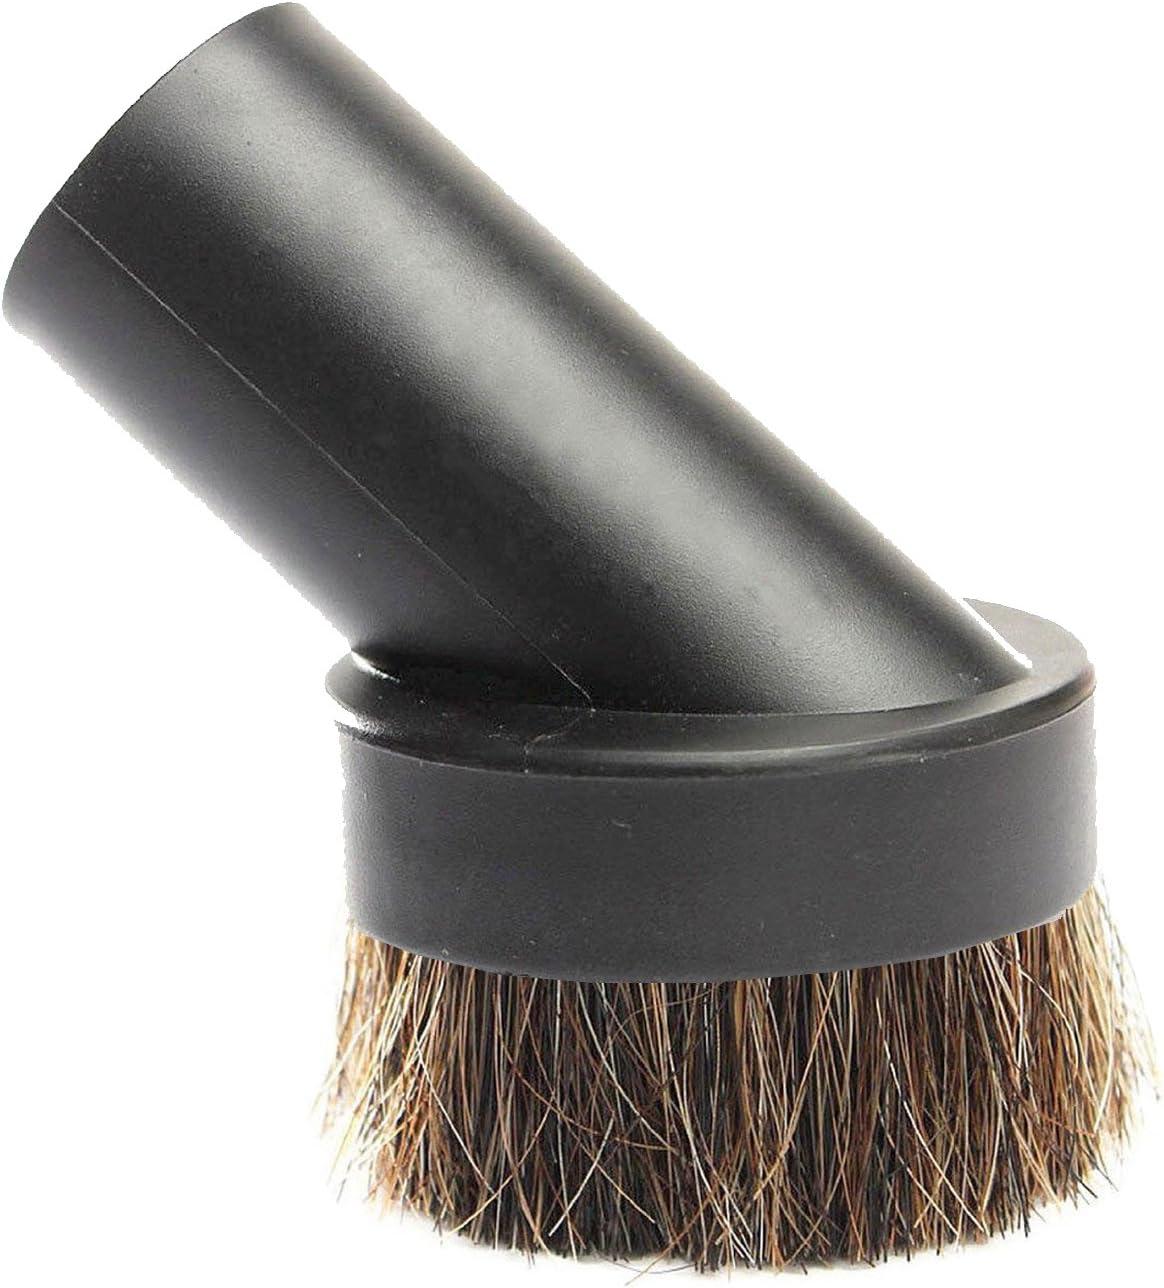 Accesorio para el polvo de SPARES2GO, cepillo redondo con pelo de caballo para aspiradoras Numatic Henry HVR200 (32 mm): Amazon.es: Hogar